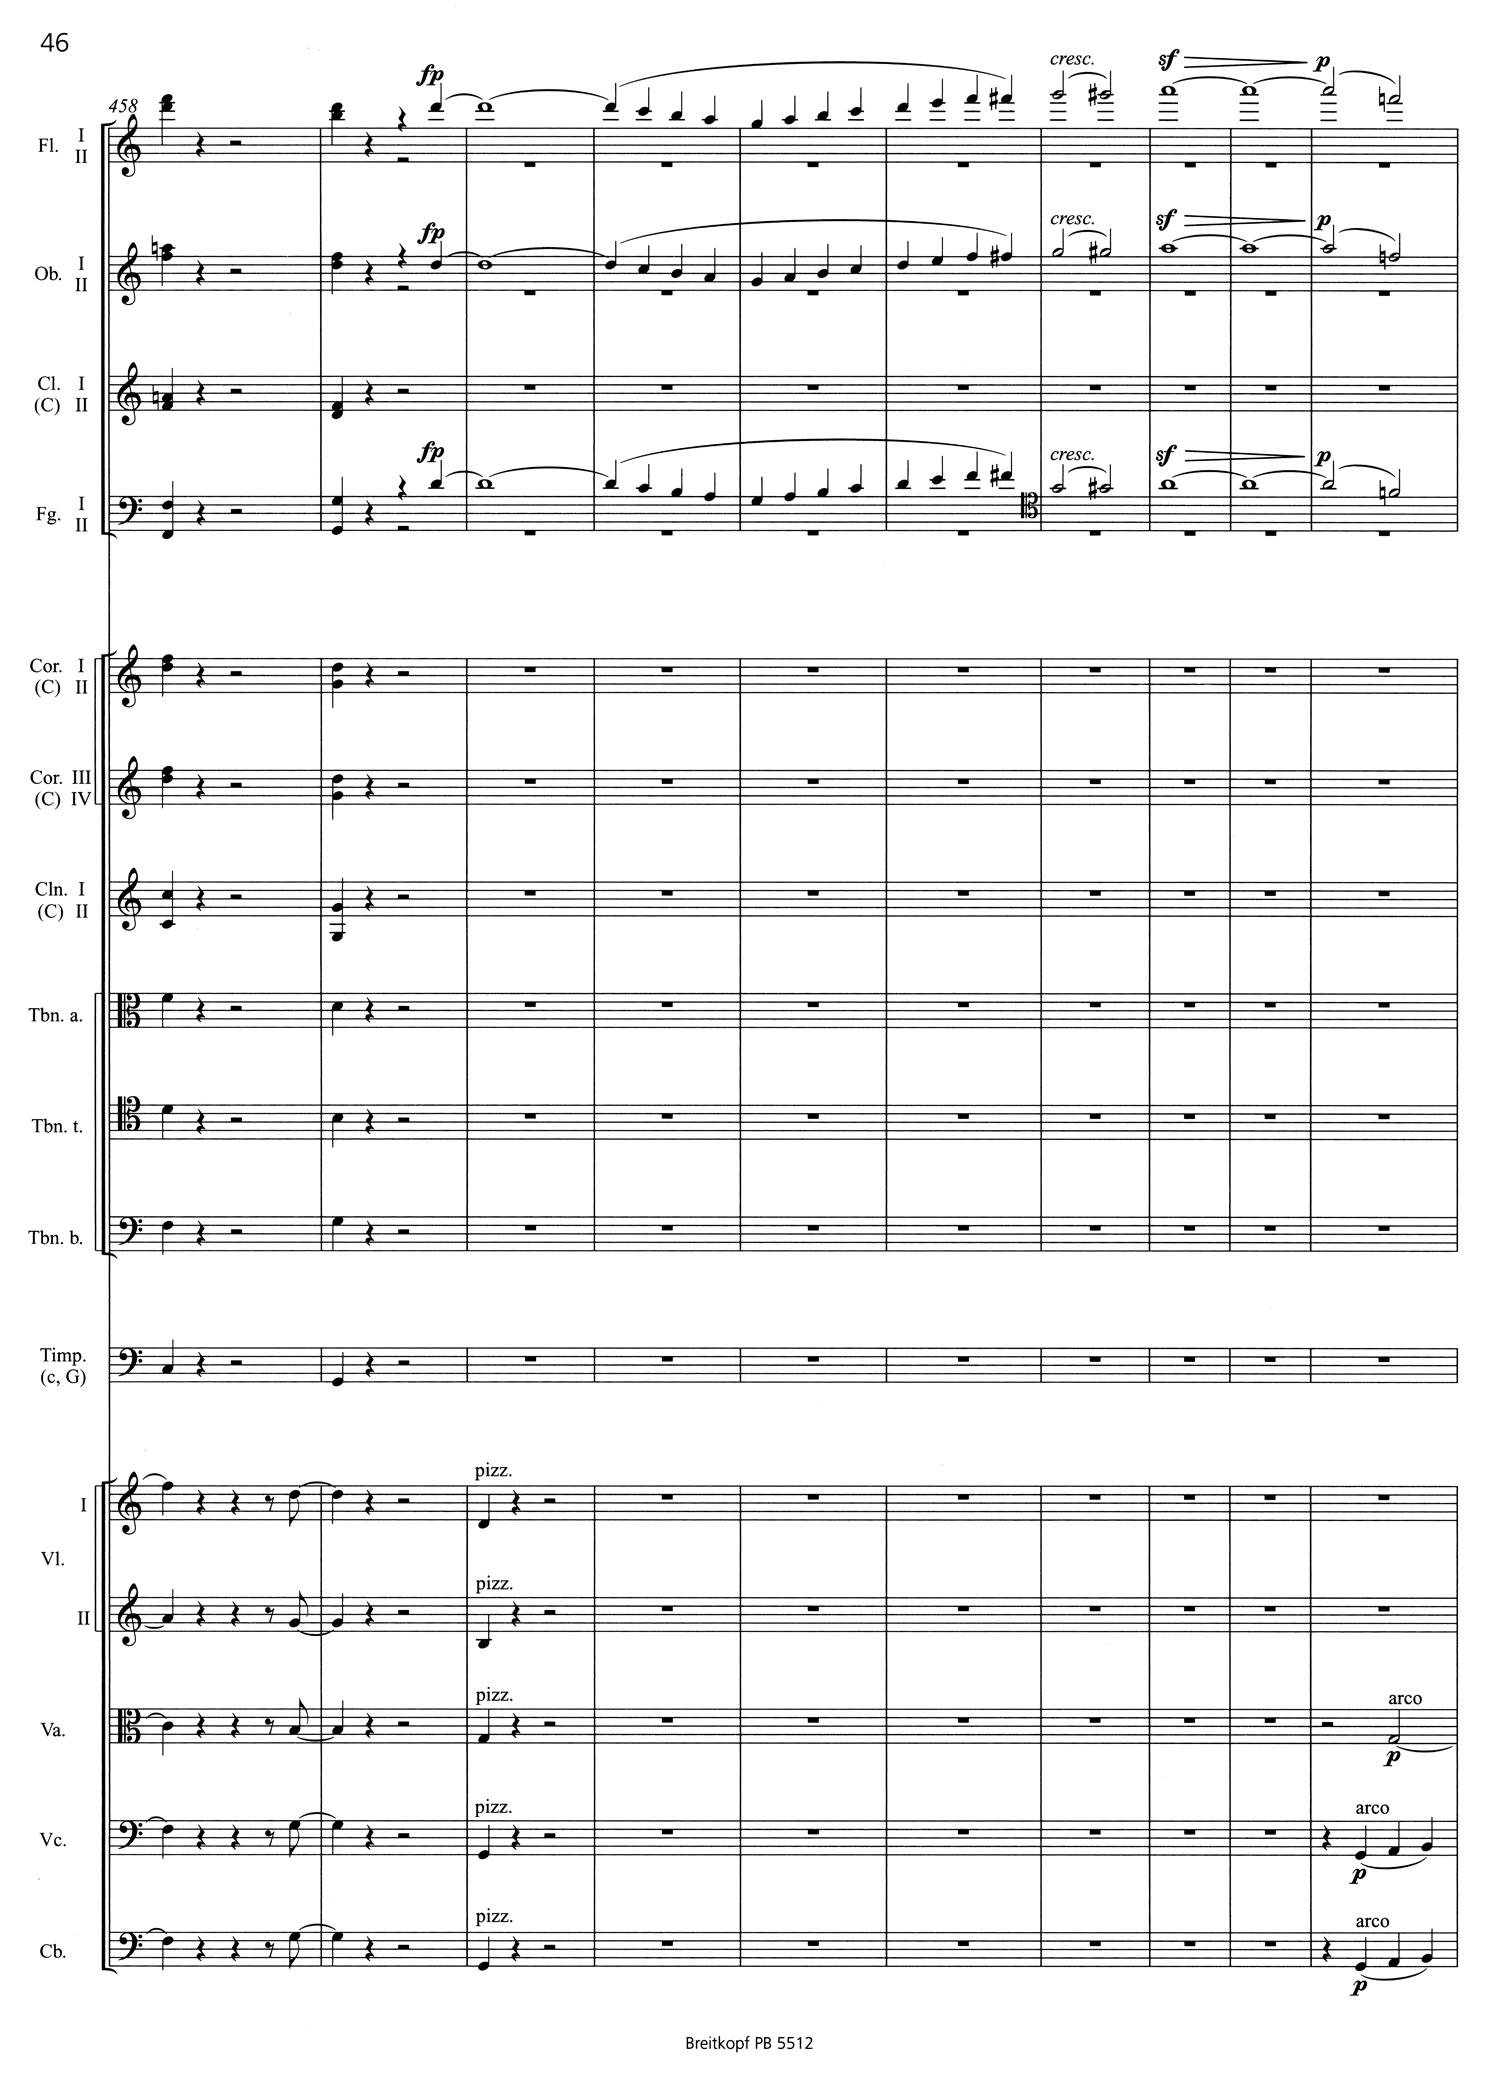 Beethoven Leonore Score 3.jpg